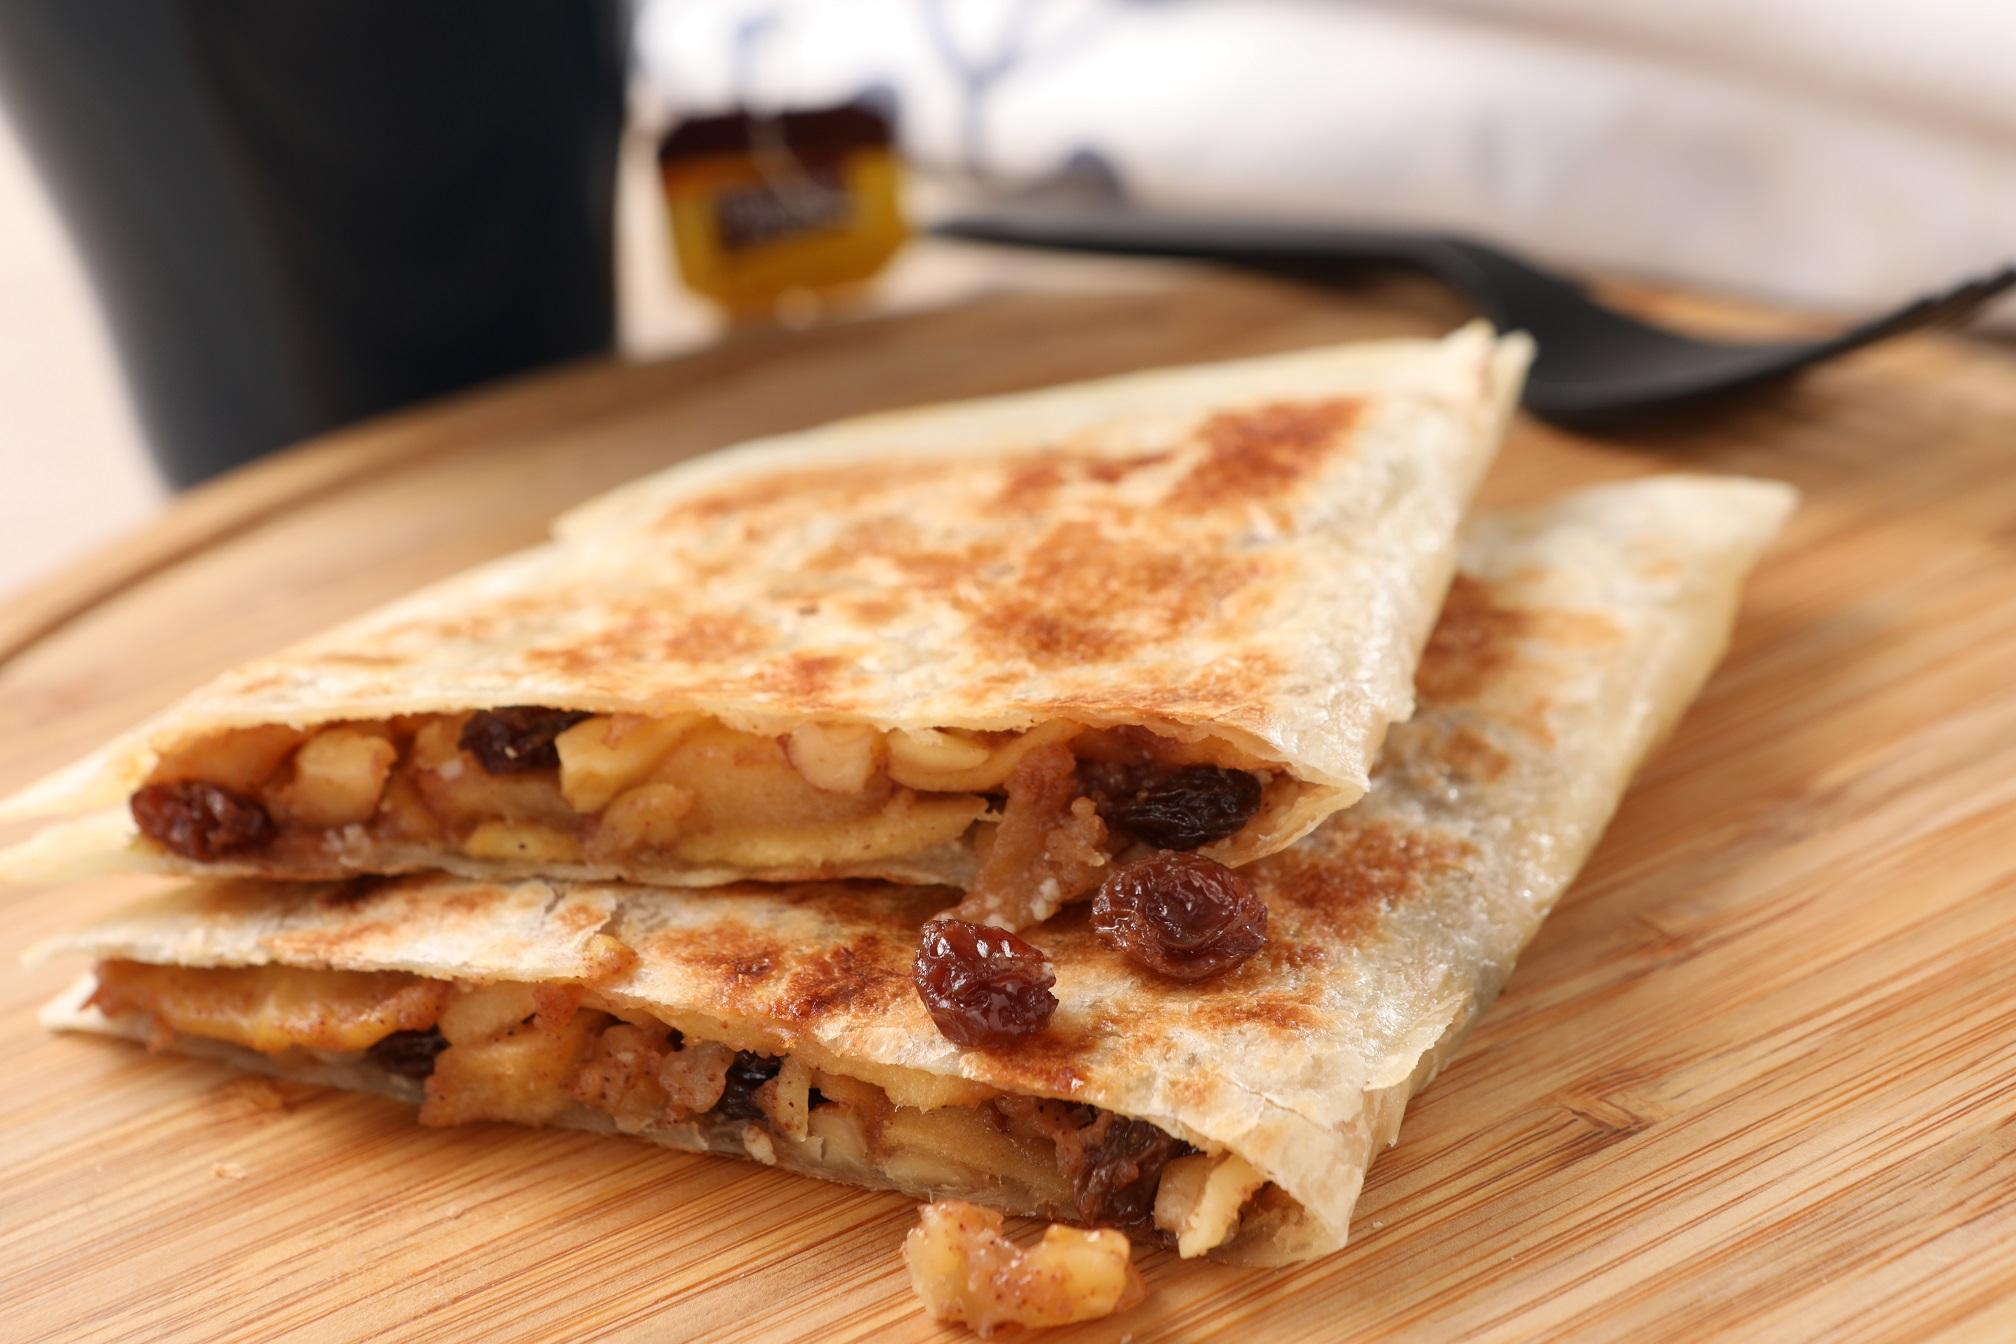 蜂蜜肉桂蘋果餡餅(奶素可) 1入- Mo薯 墨西哥餡餅